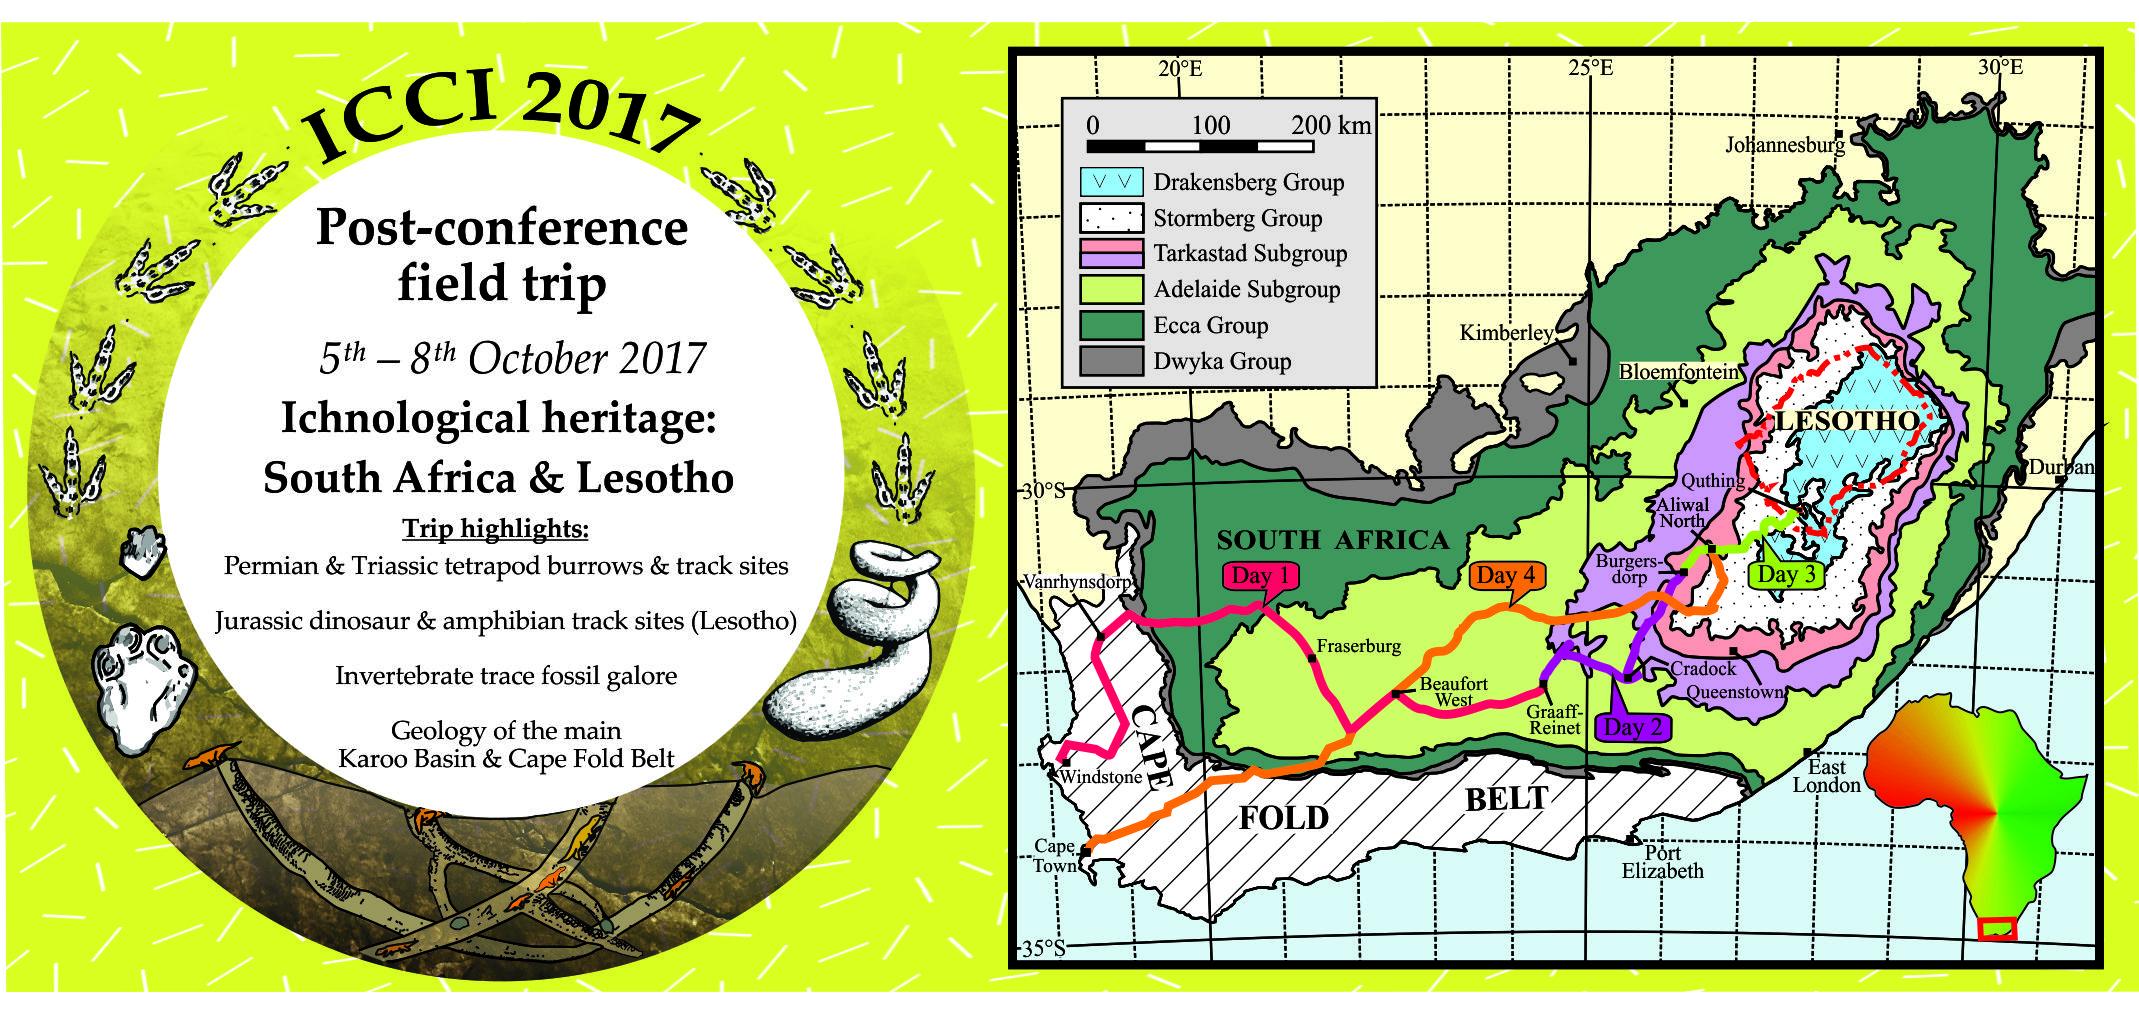 ICCI_2017_field trip logo_GSSA Bulletin typoless